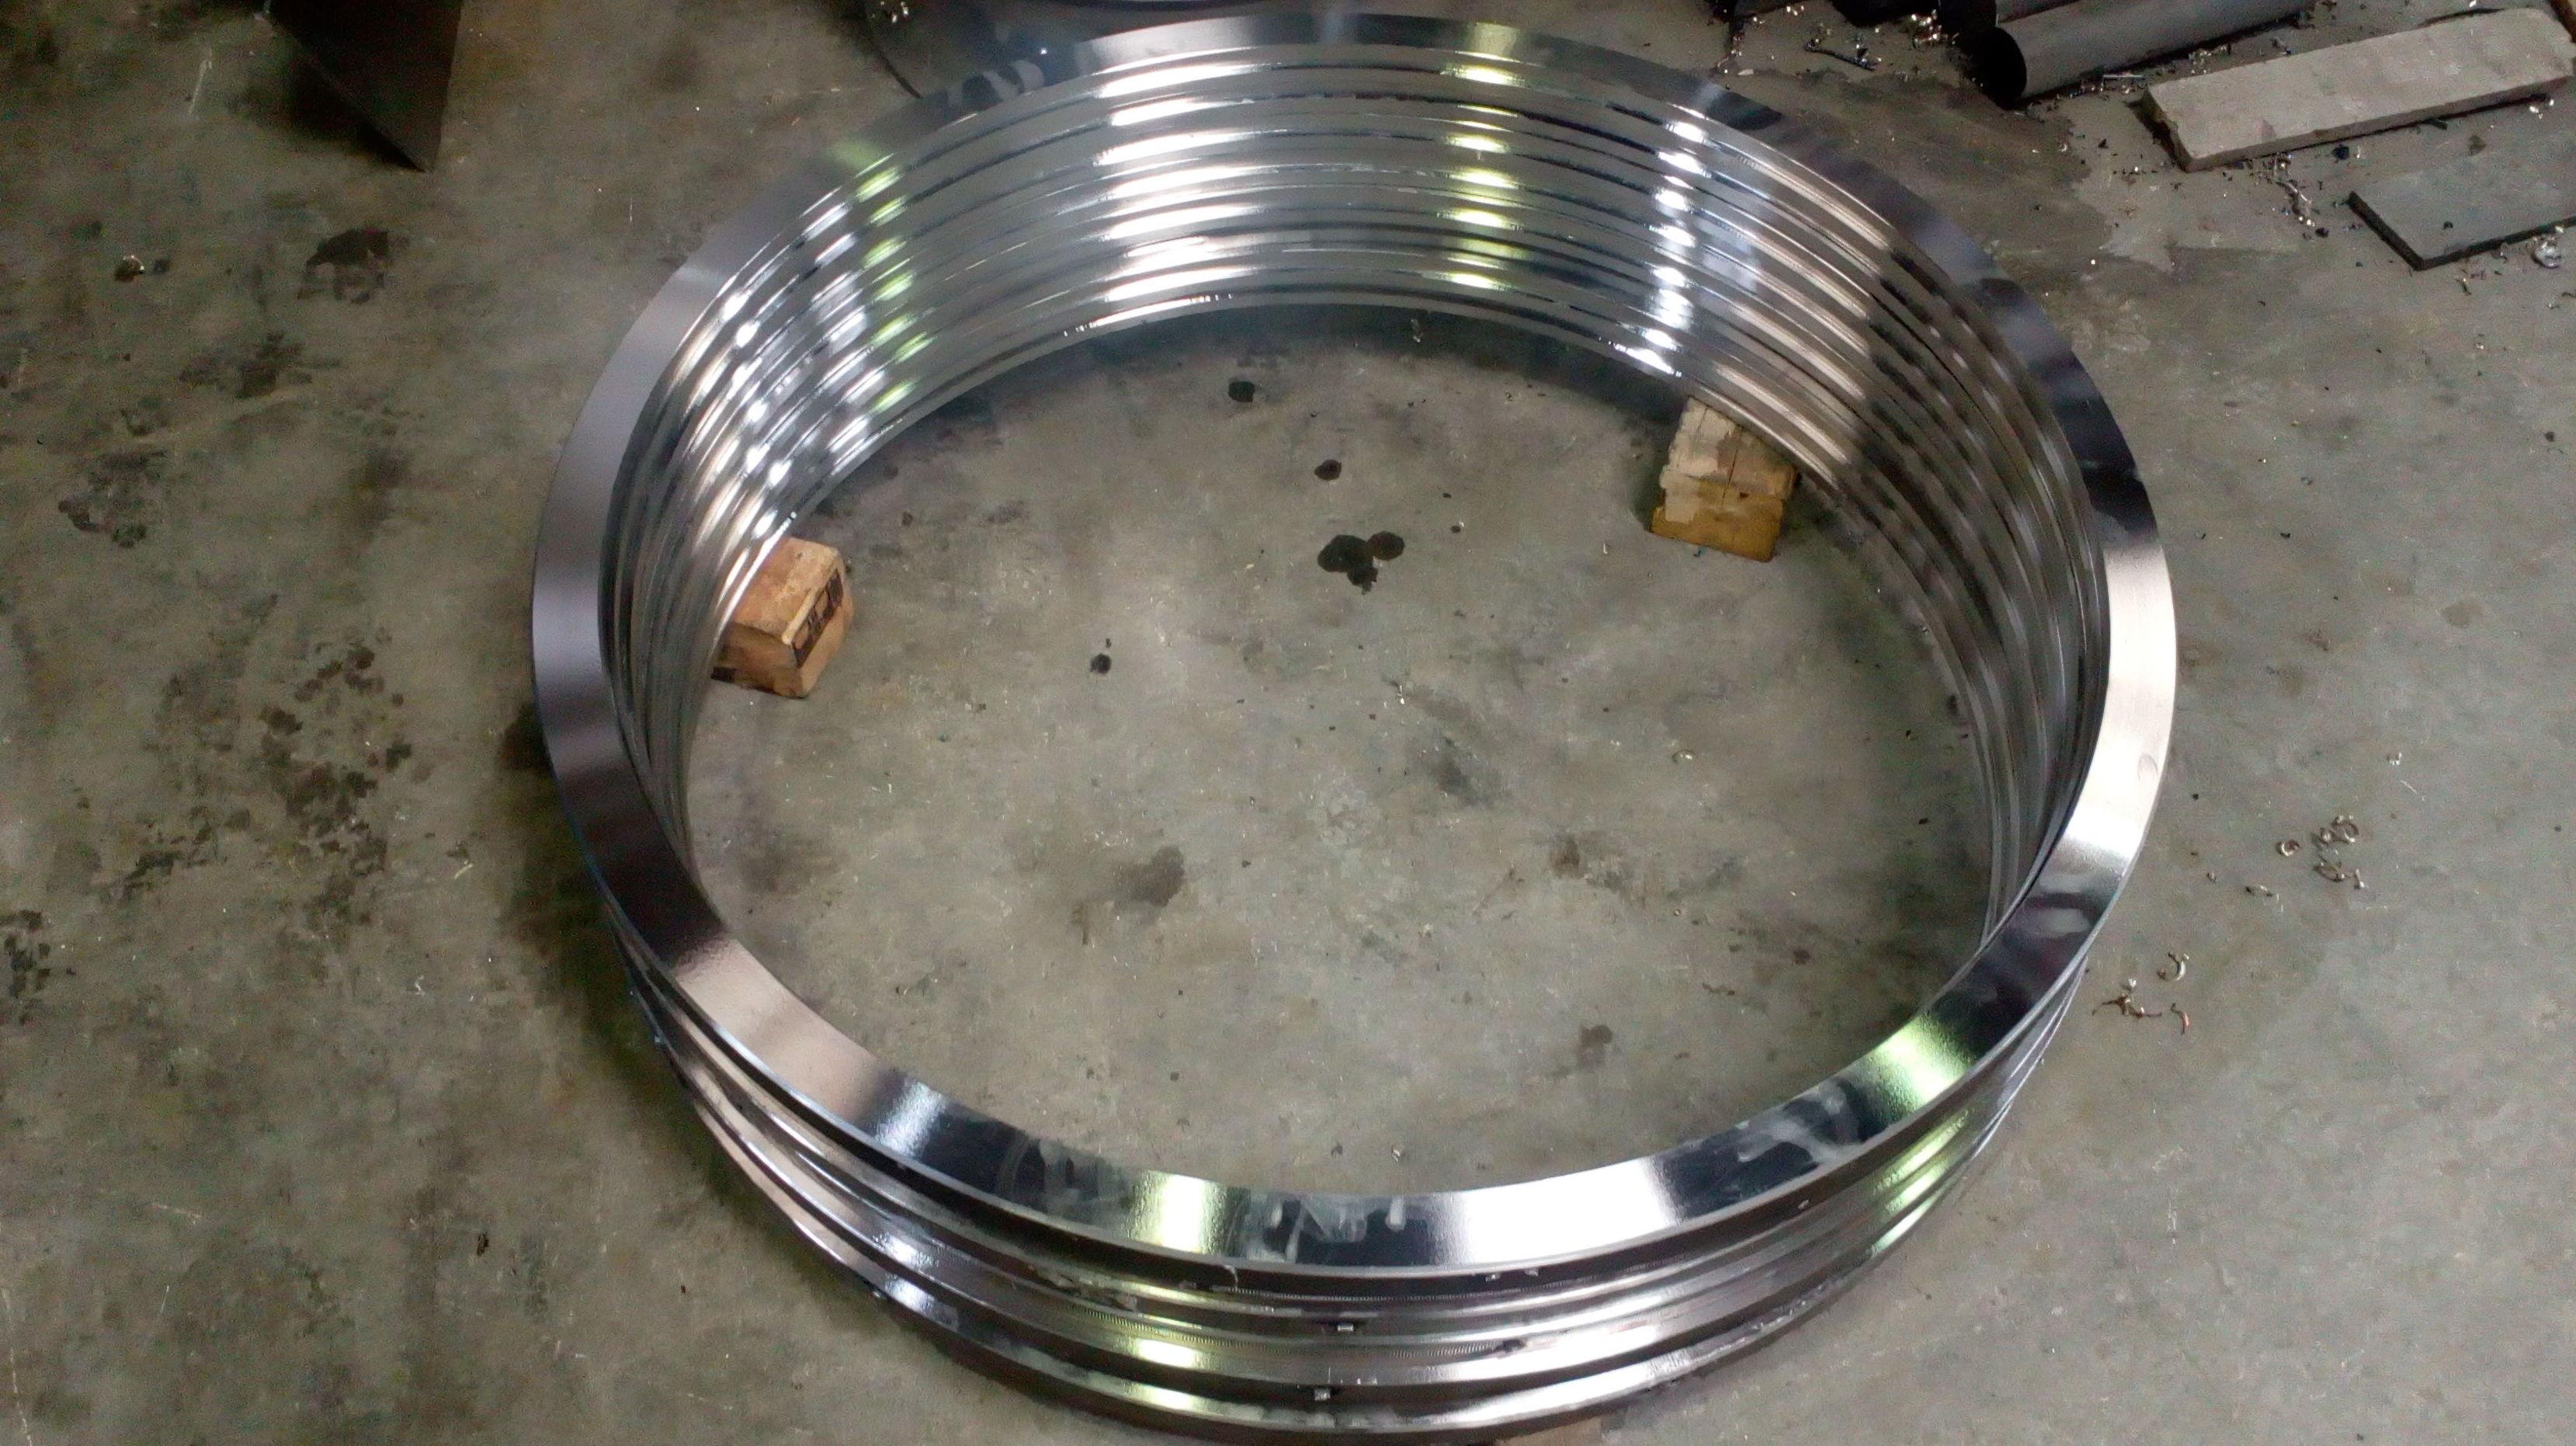 Foto 7 de Curvados metálicos en Argentona | Corbats, Metàl.lics i Mecanitzats, S.L.